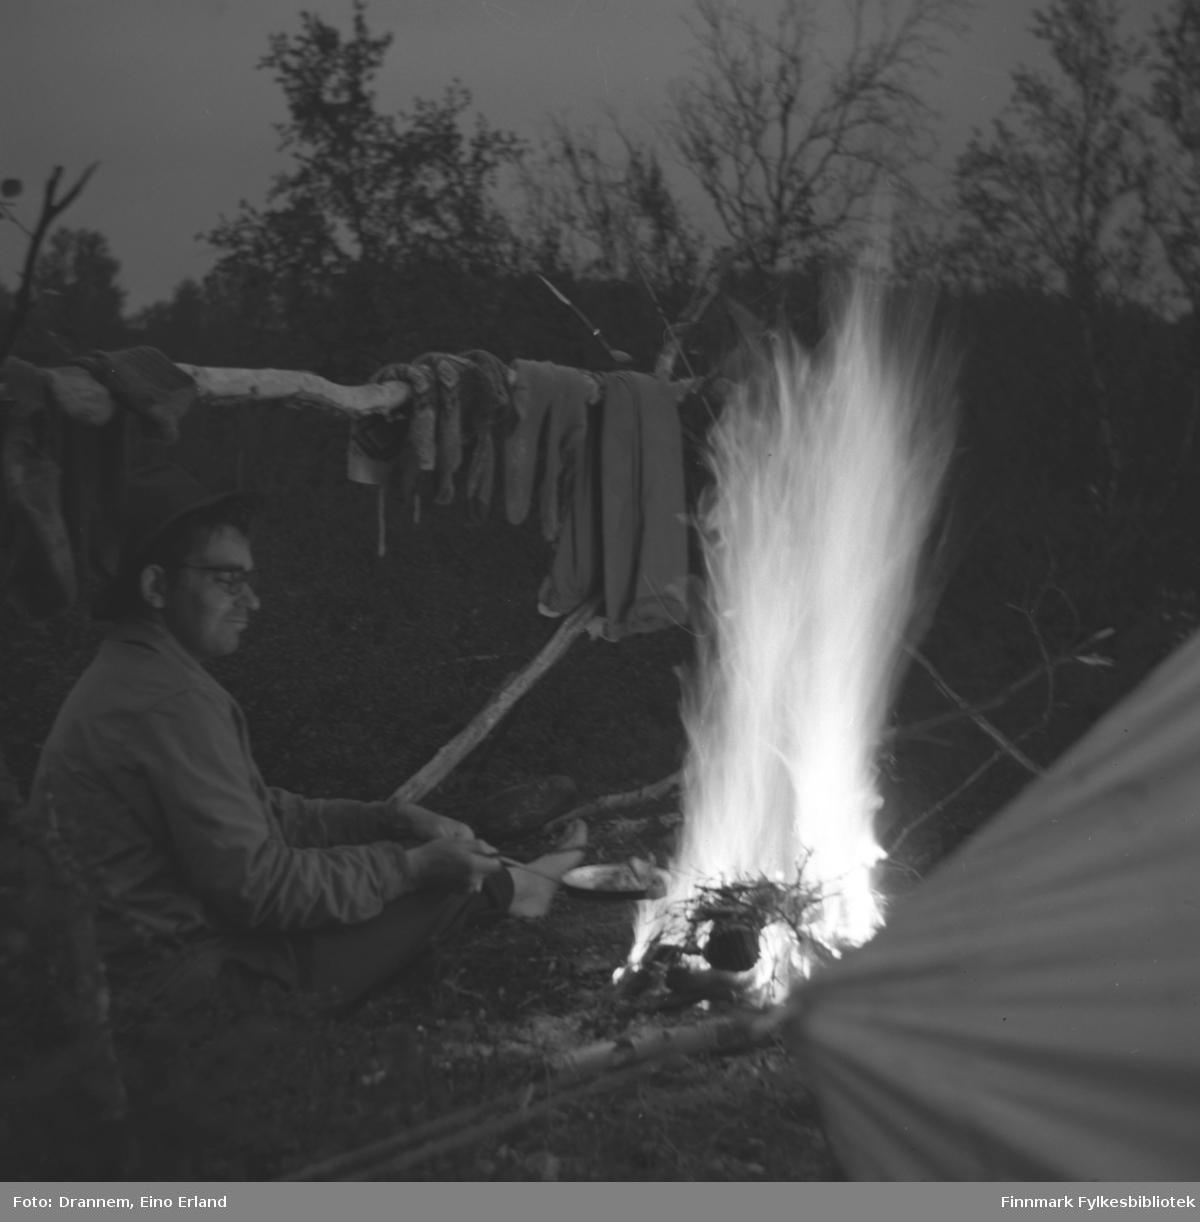 Asbjørn Gabrielsen sitter ved bålet og steker mat på bålet